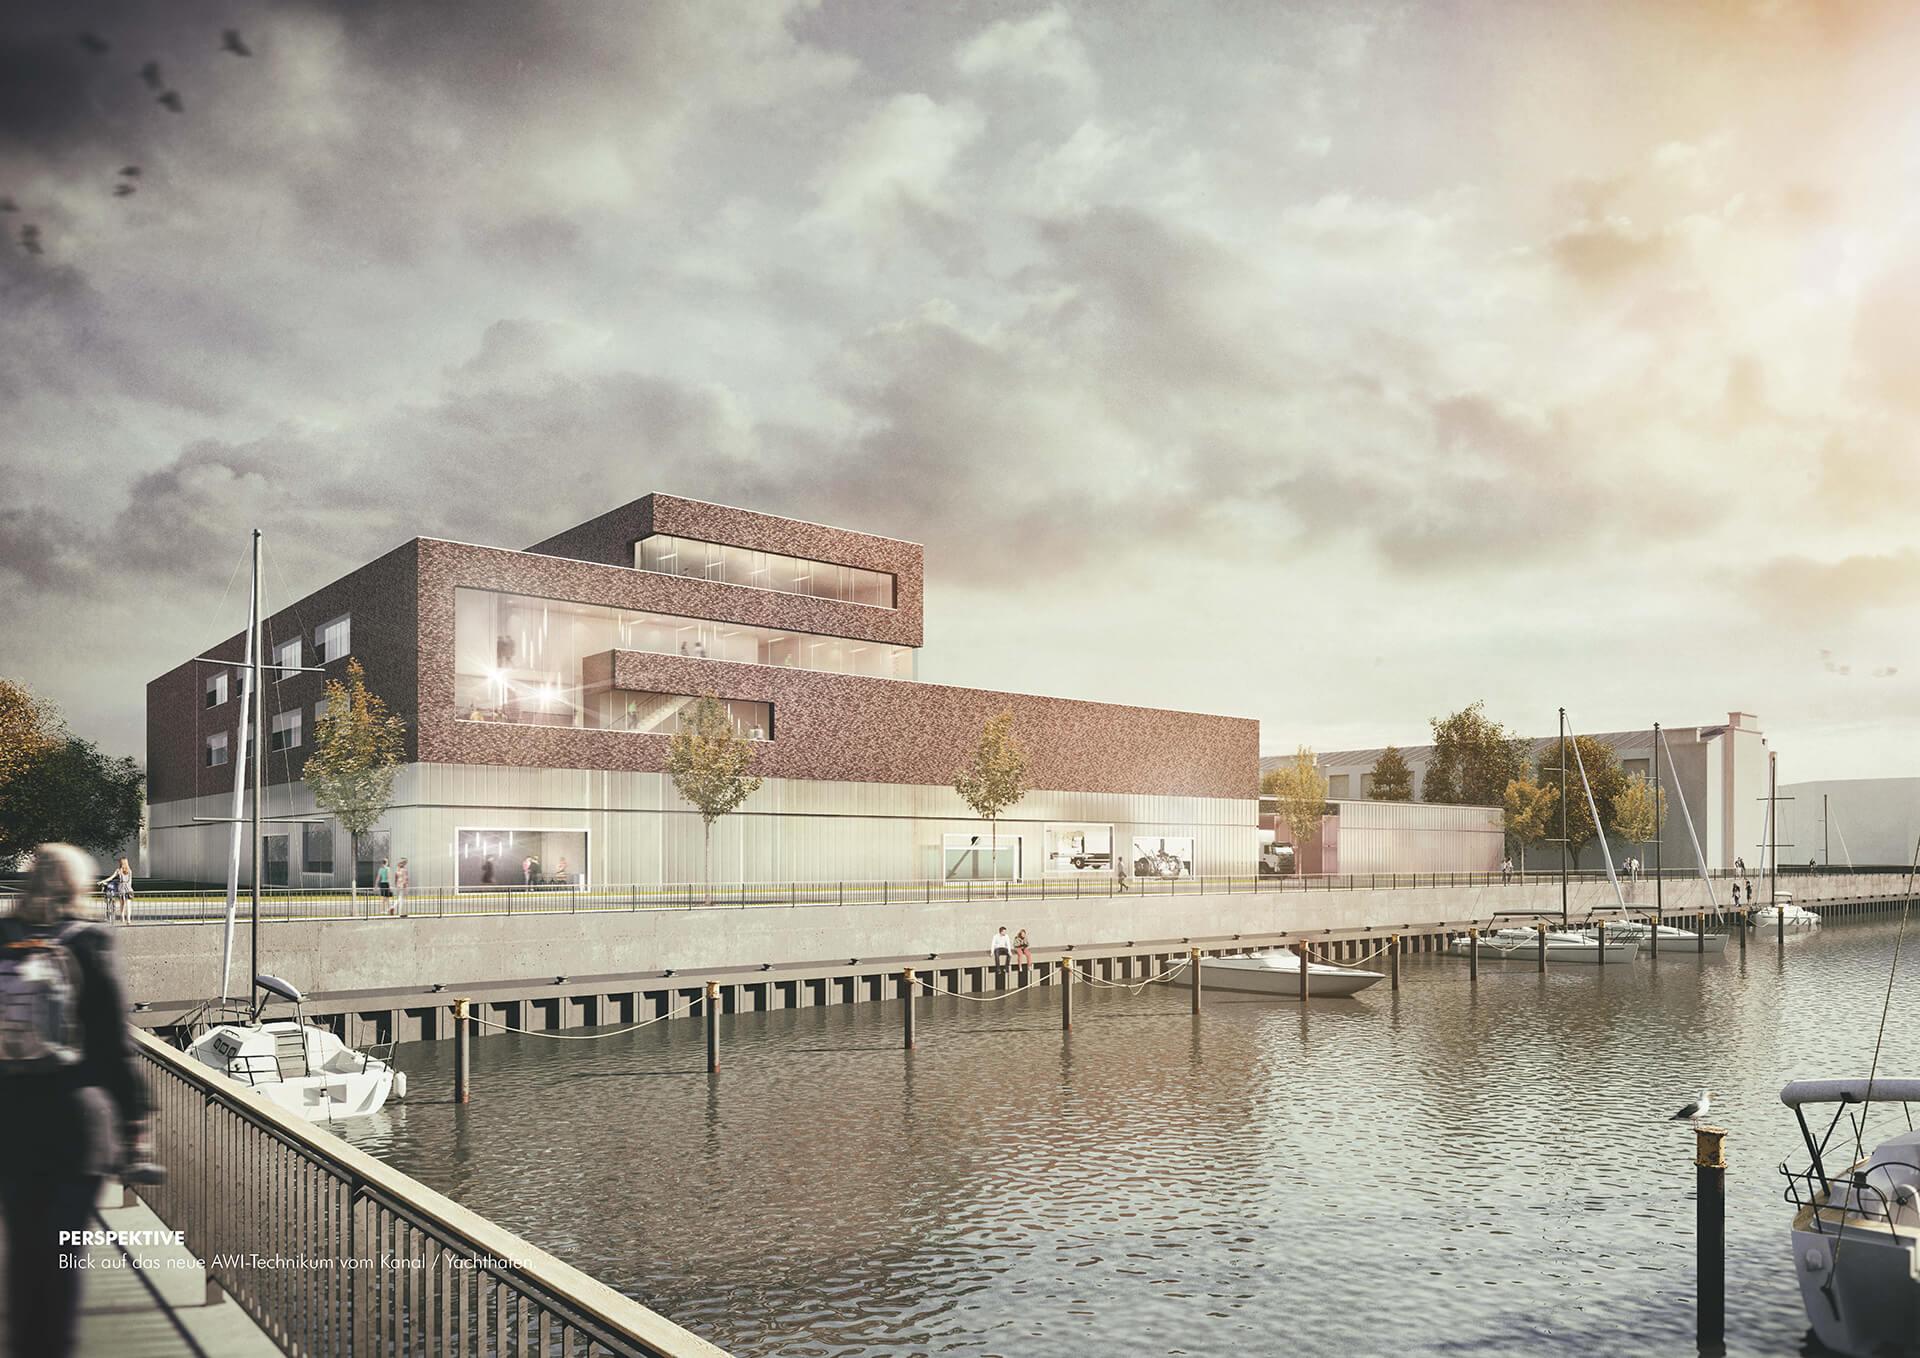 Architekten Bremerhaven ksg architekten awi alfred wegener institut in bremerhaven